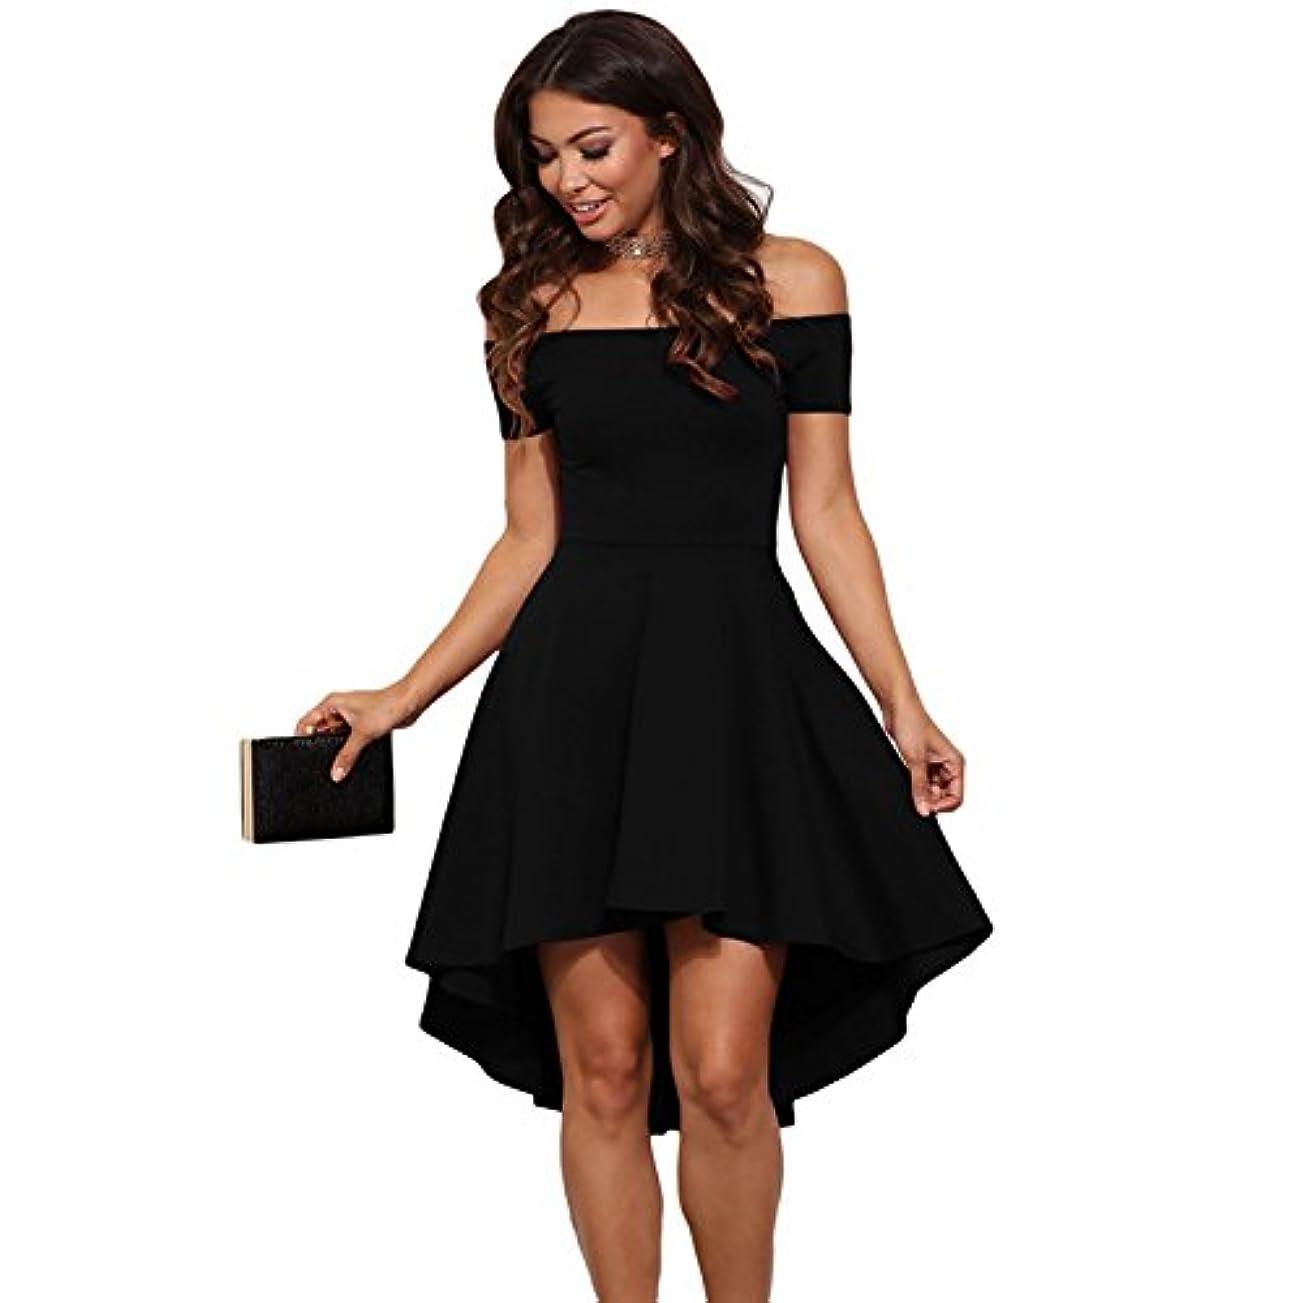 十年しゃがむ違反Onderroa - ヴィンテージ女性のセクシーなスラッシュネックソリッドカラーパーティー秋の新しいファッションAライン黒赤ワイン膝丈のドレスドレス